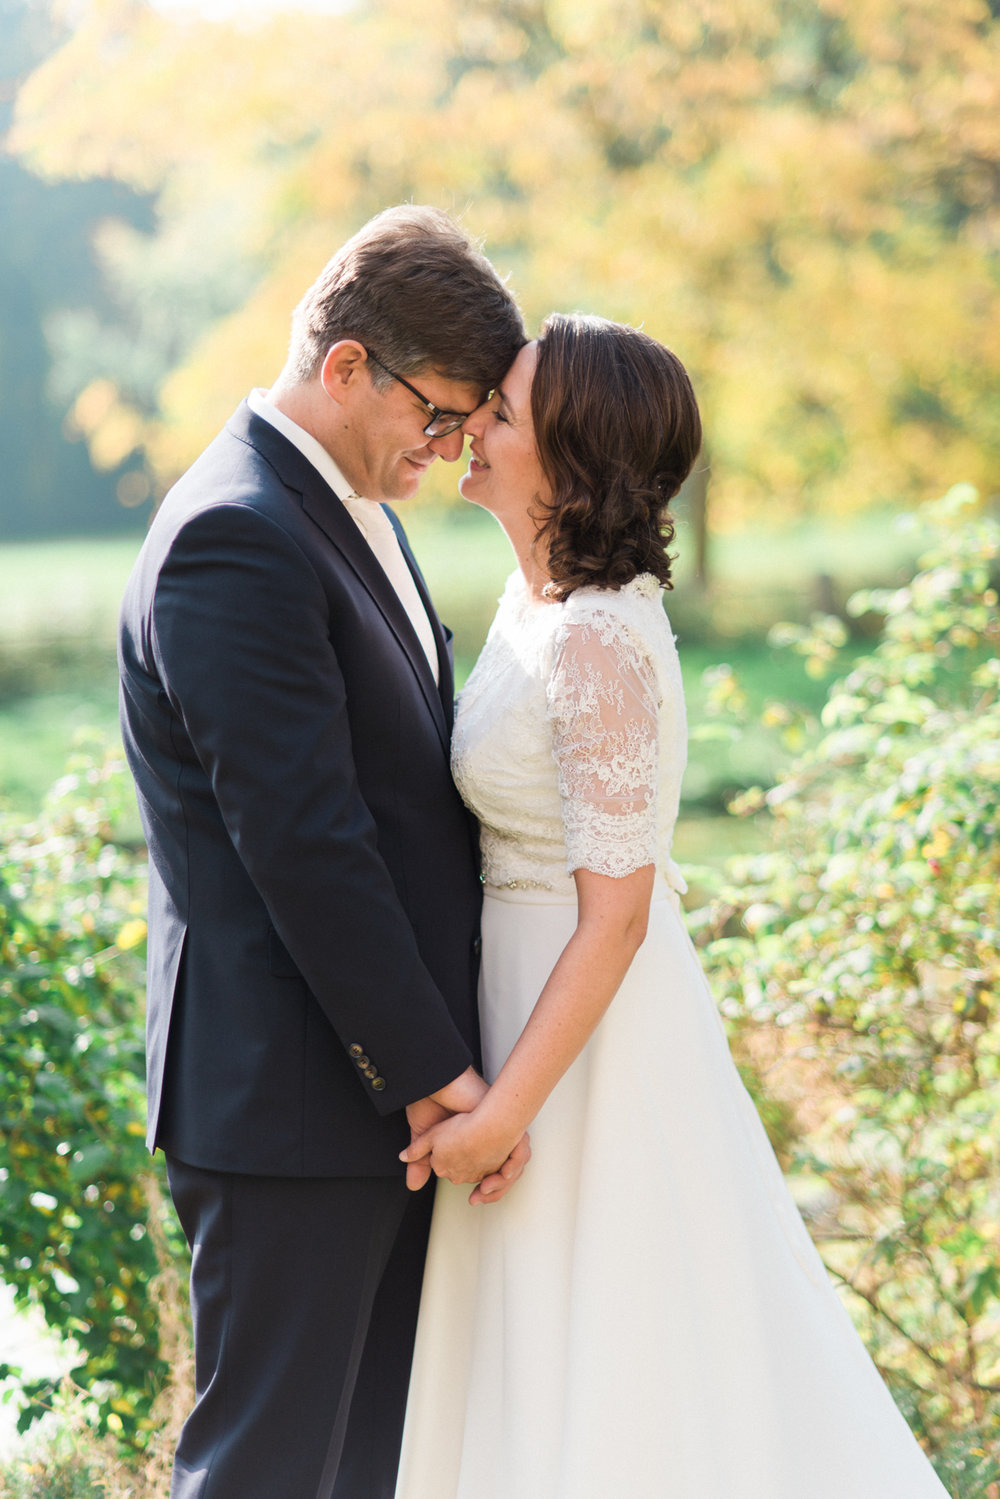 Bluhm-Hochzeitsfotograf-HochzeitamMeer-41.jpg